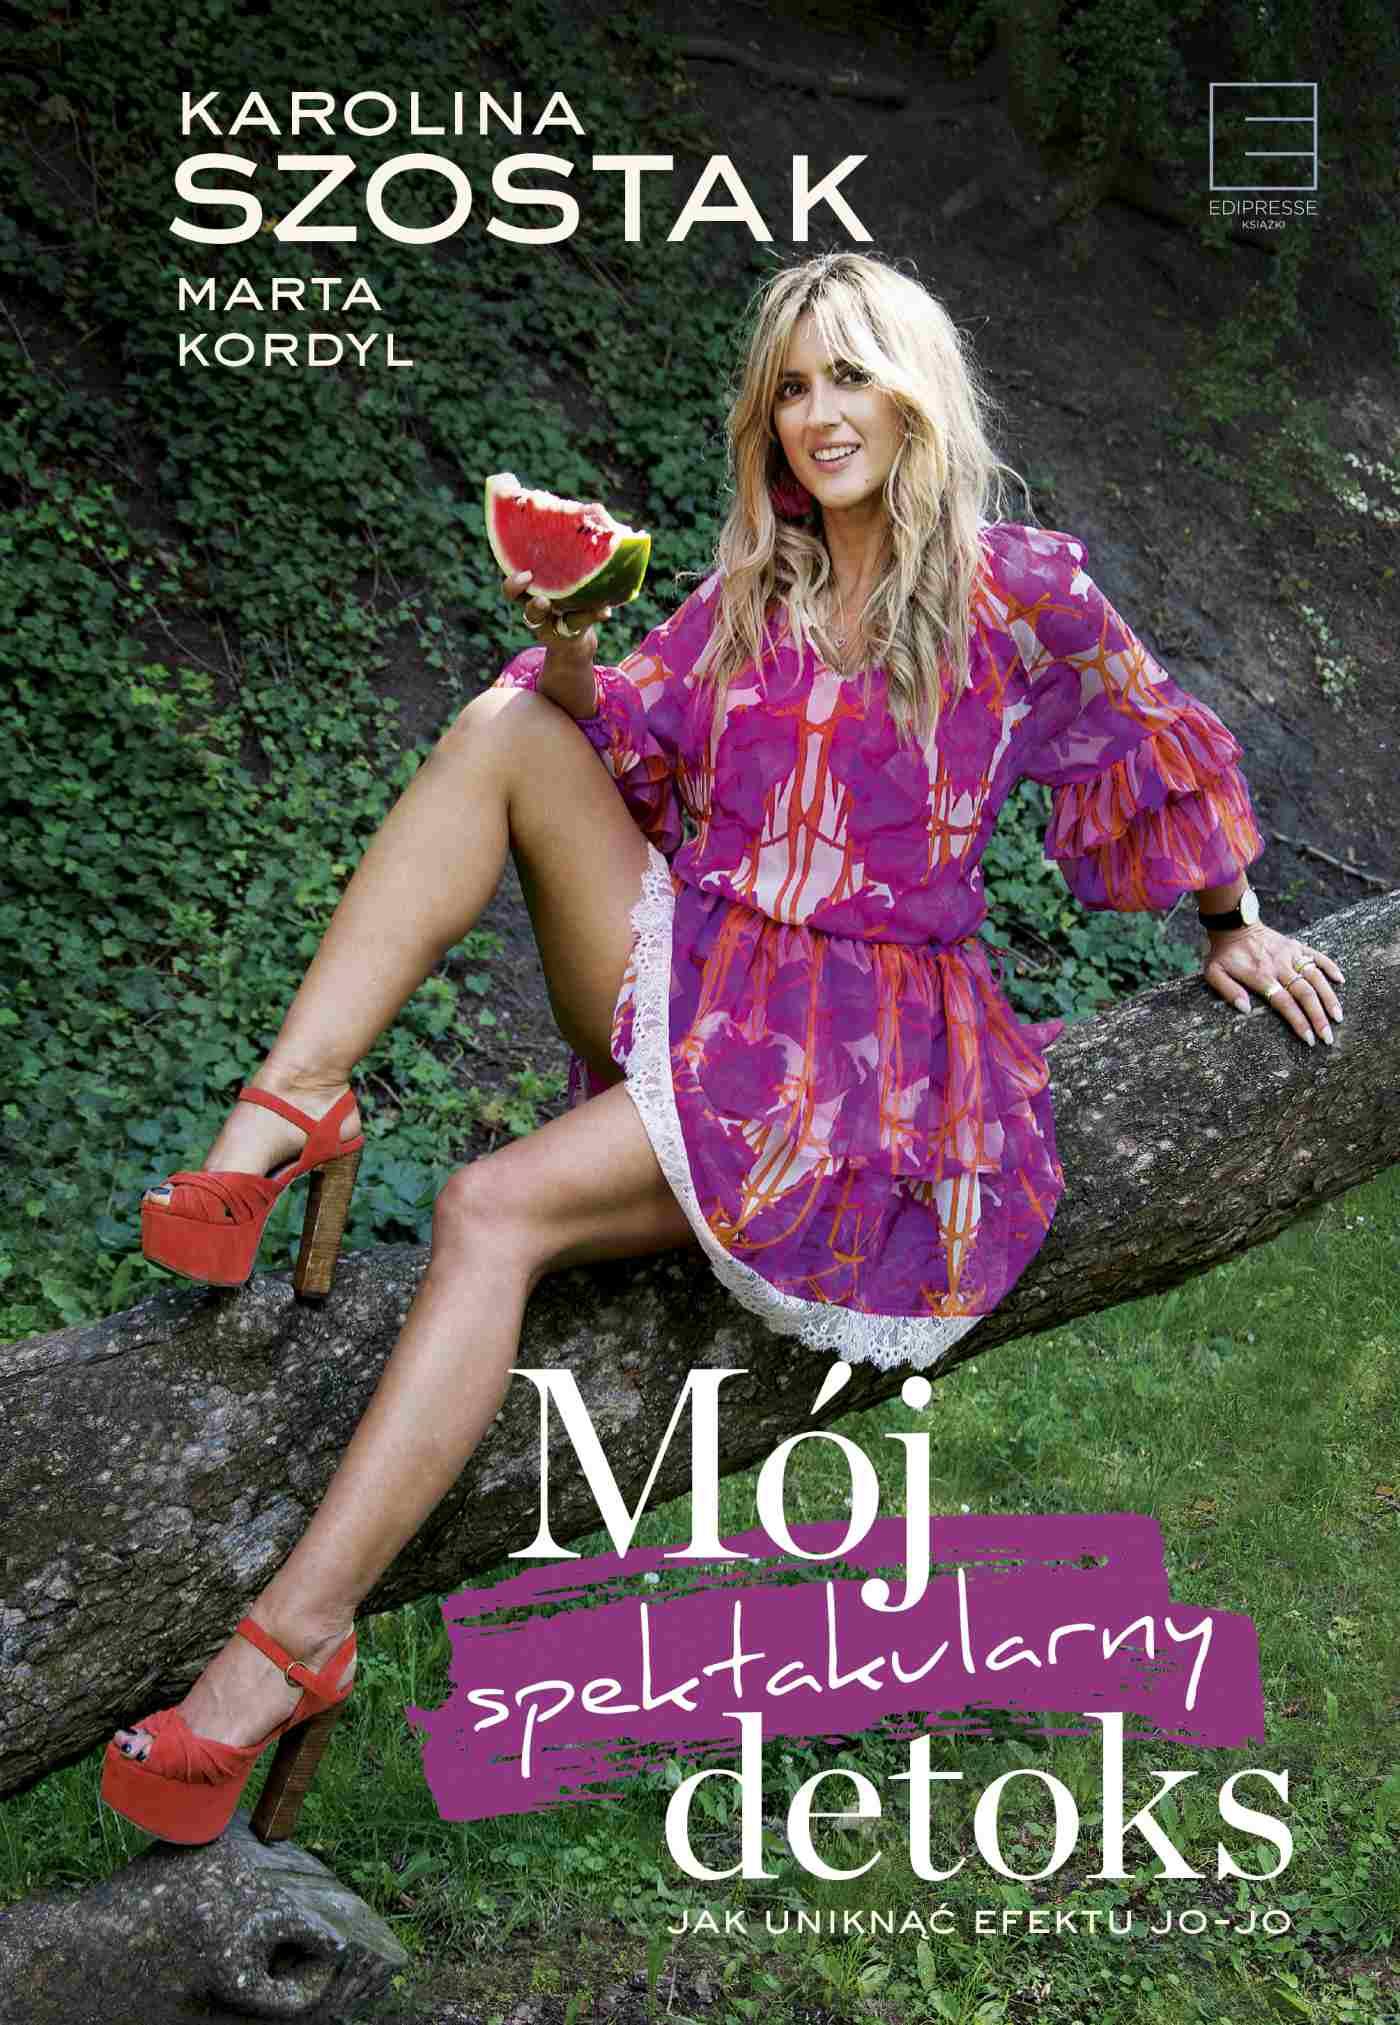 Mój spektakularny detoks - Ebook (Książka na Kindle) do pobrania w formacie MOBI